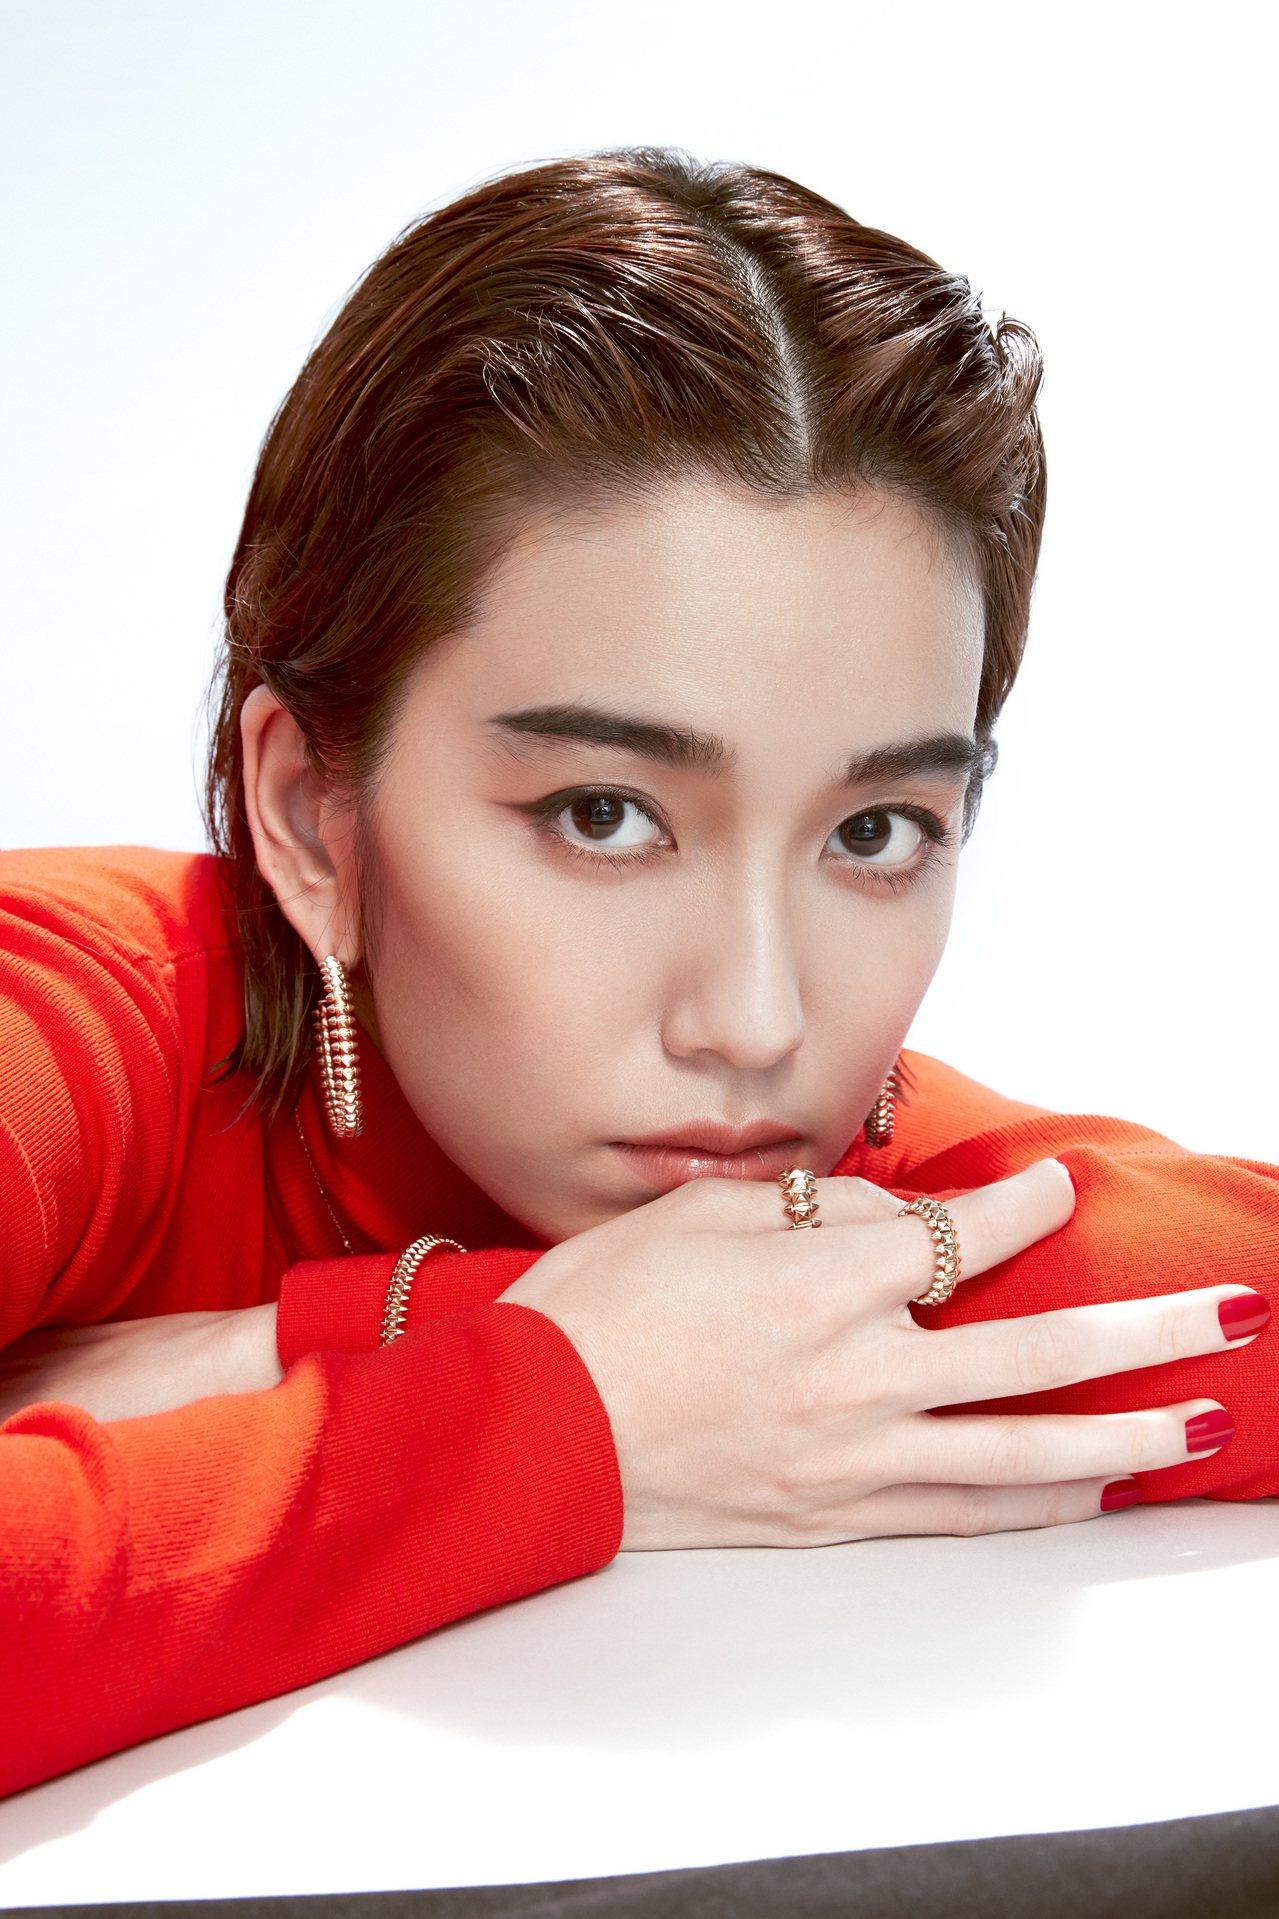 卡地亞珠寶形象大使陳庭妮詮釋Clash de Cartier系列的衝突對比之美。...